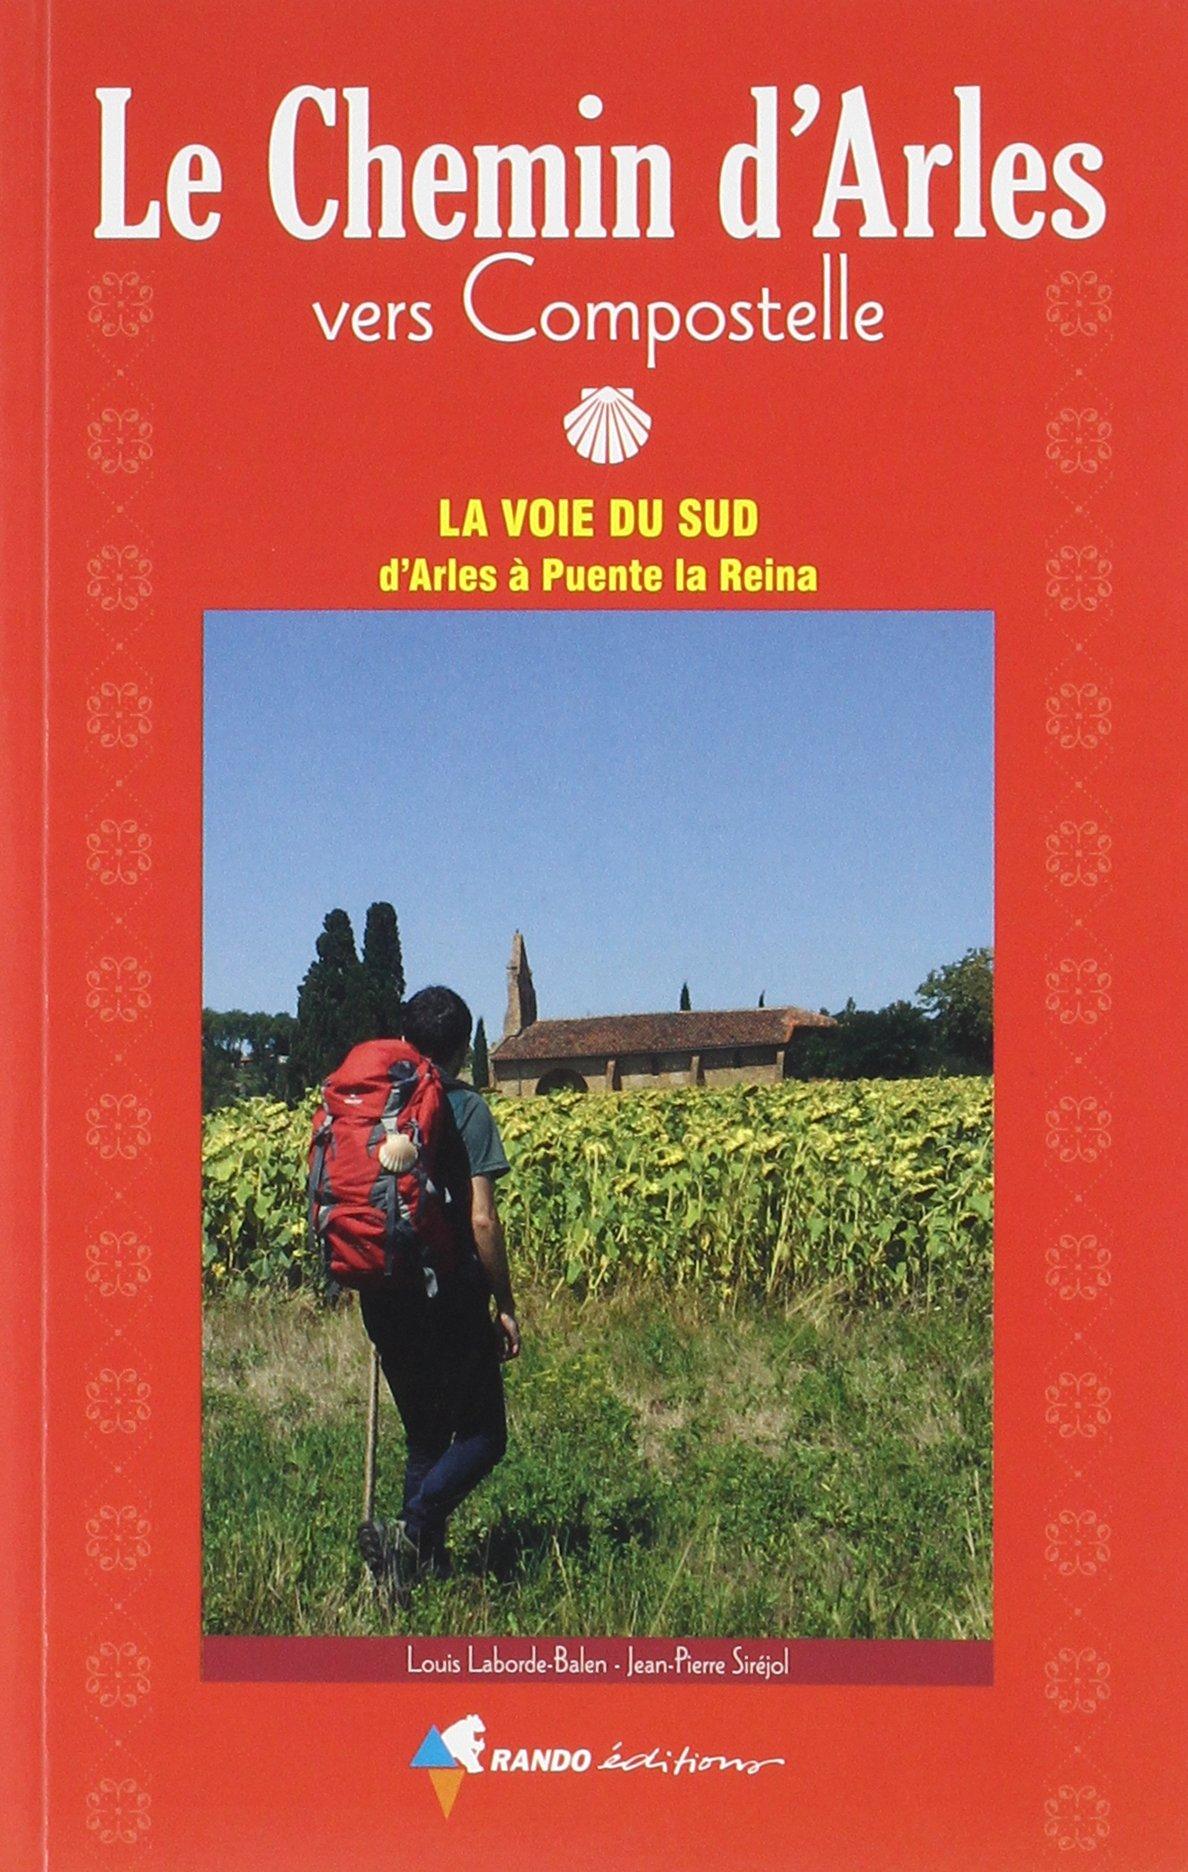 Wandelgids Chemin d'Arles vers Compostelle - La voie du Sud   Rando Editions de zwerver